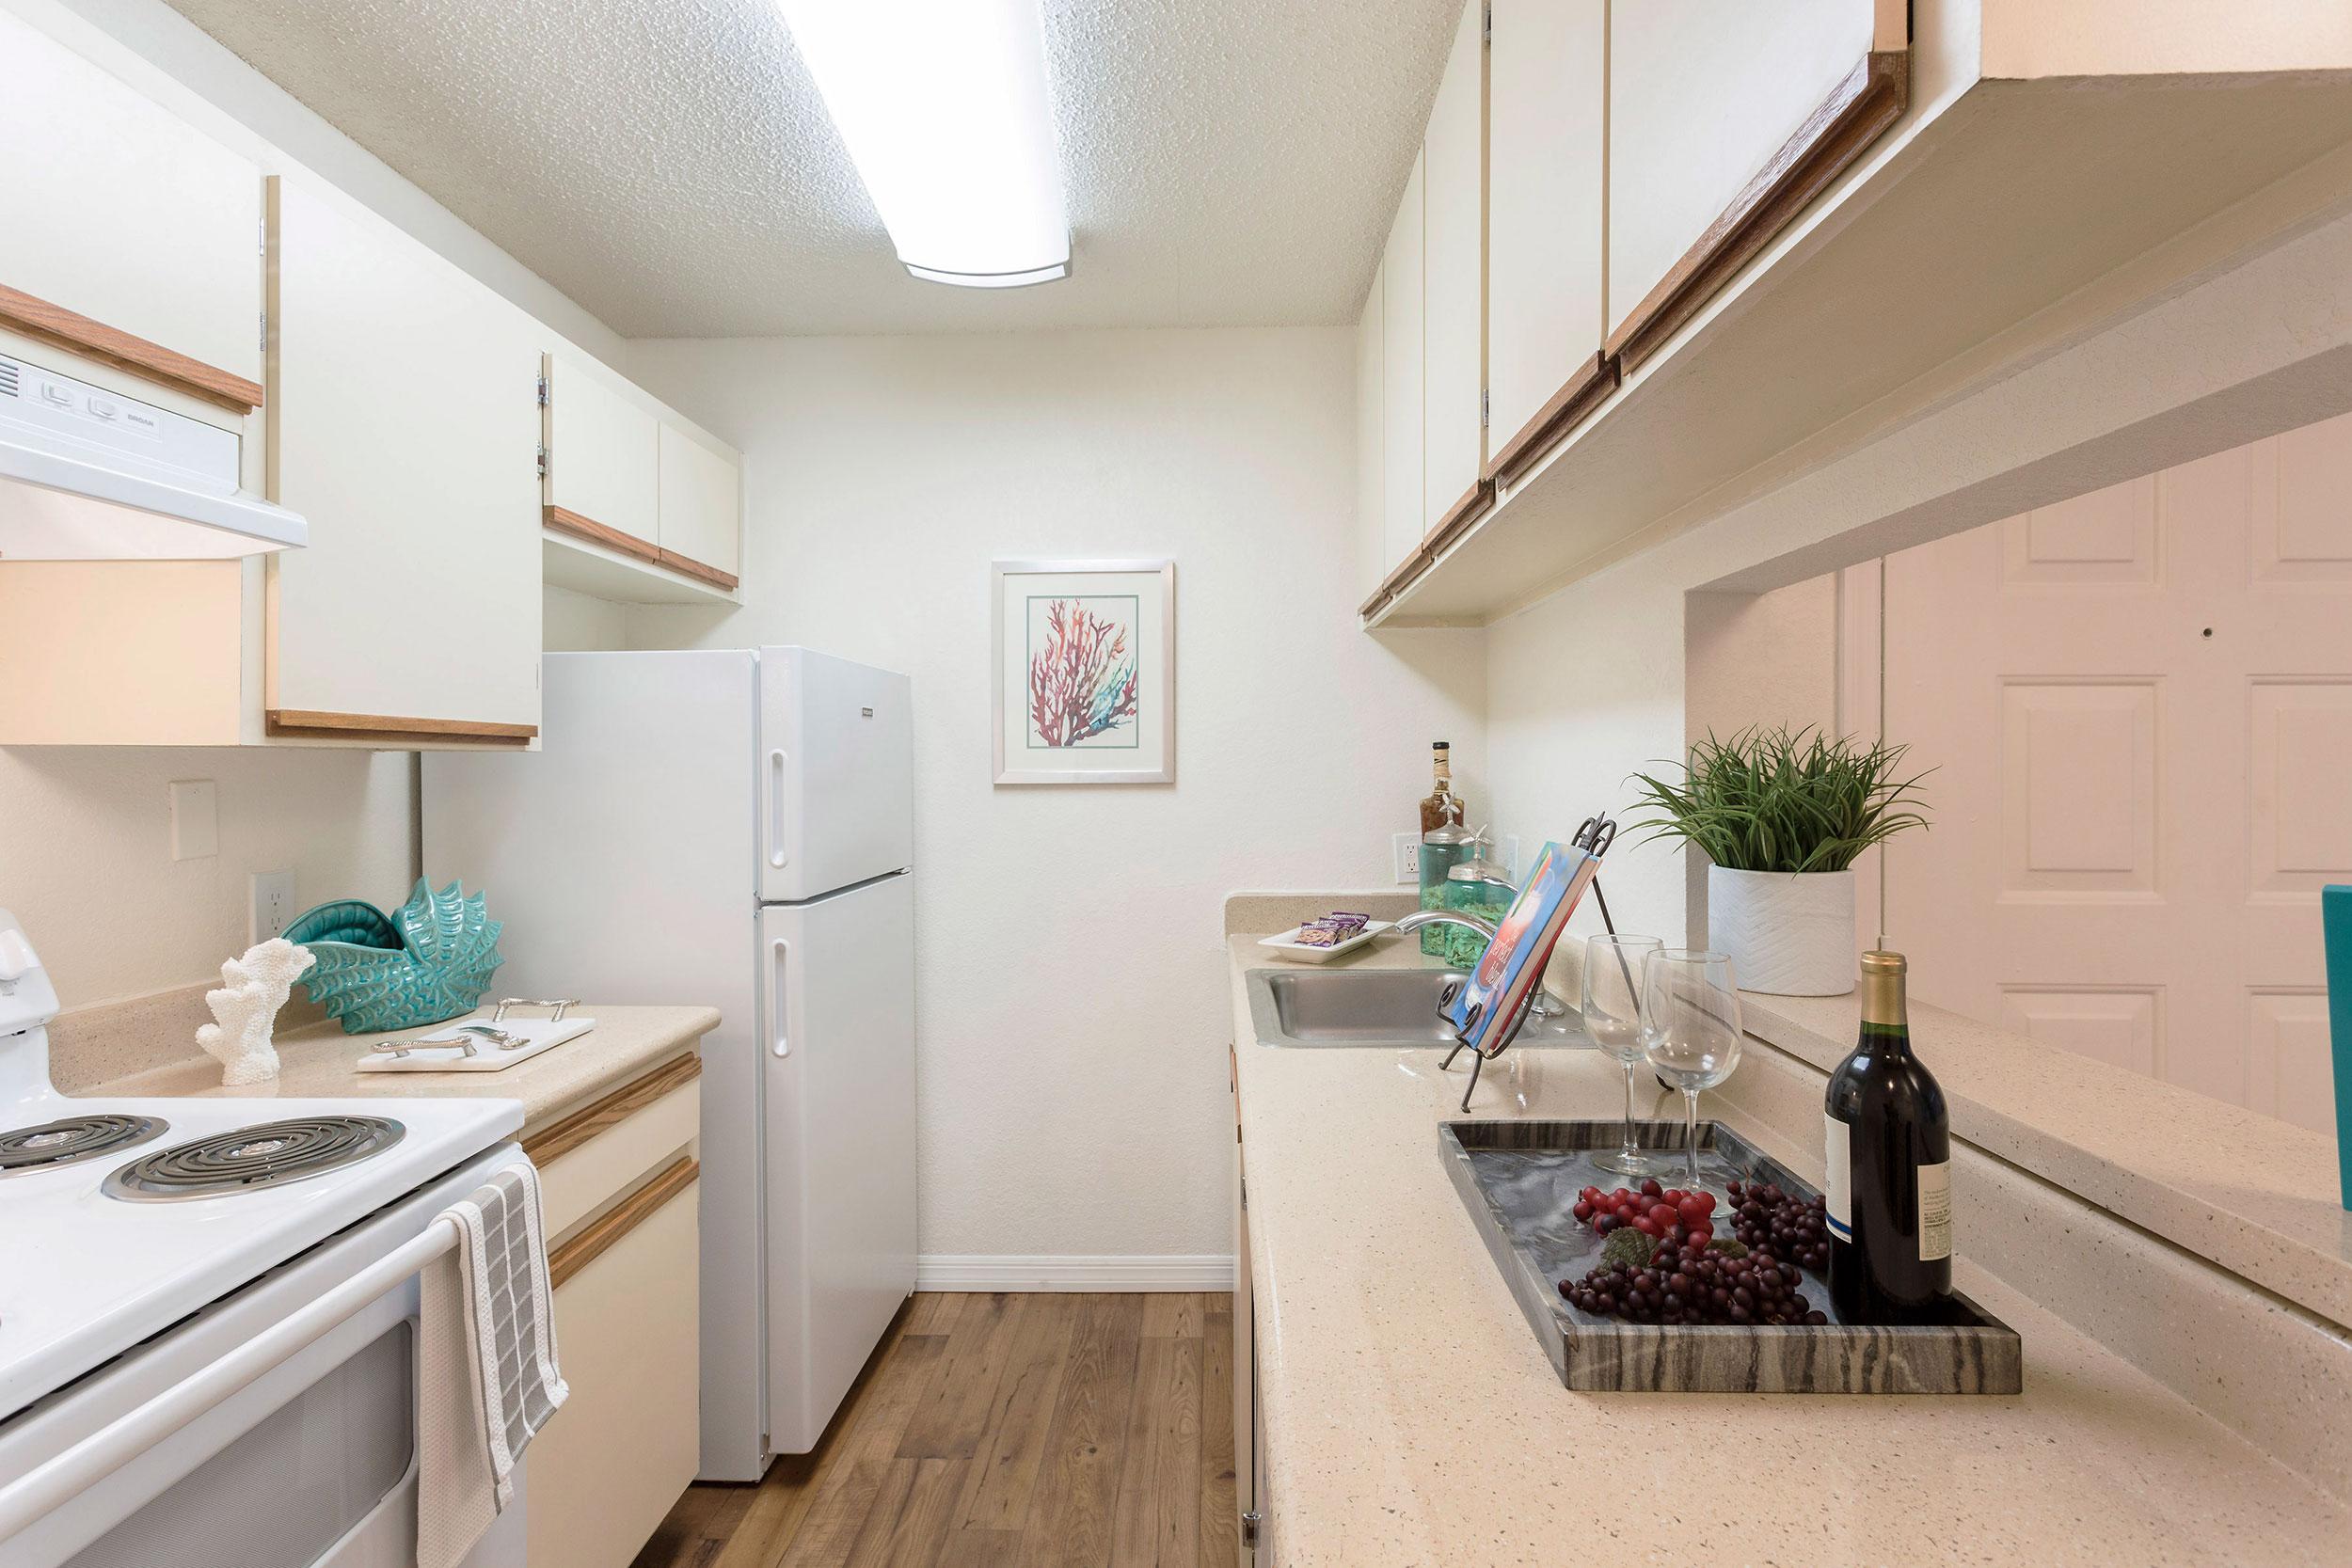 Hb-kitchen